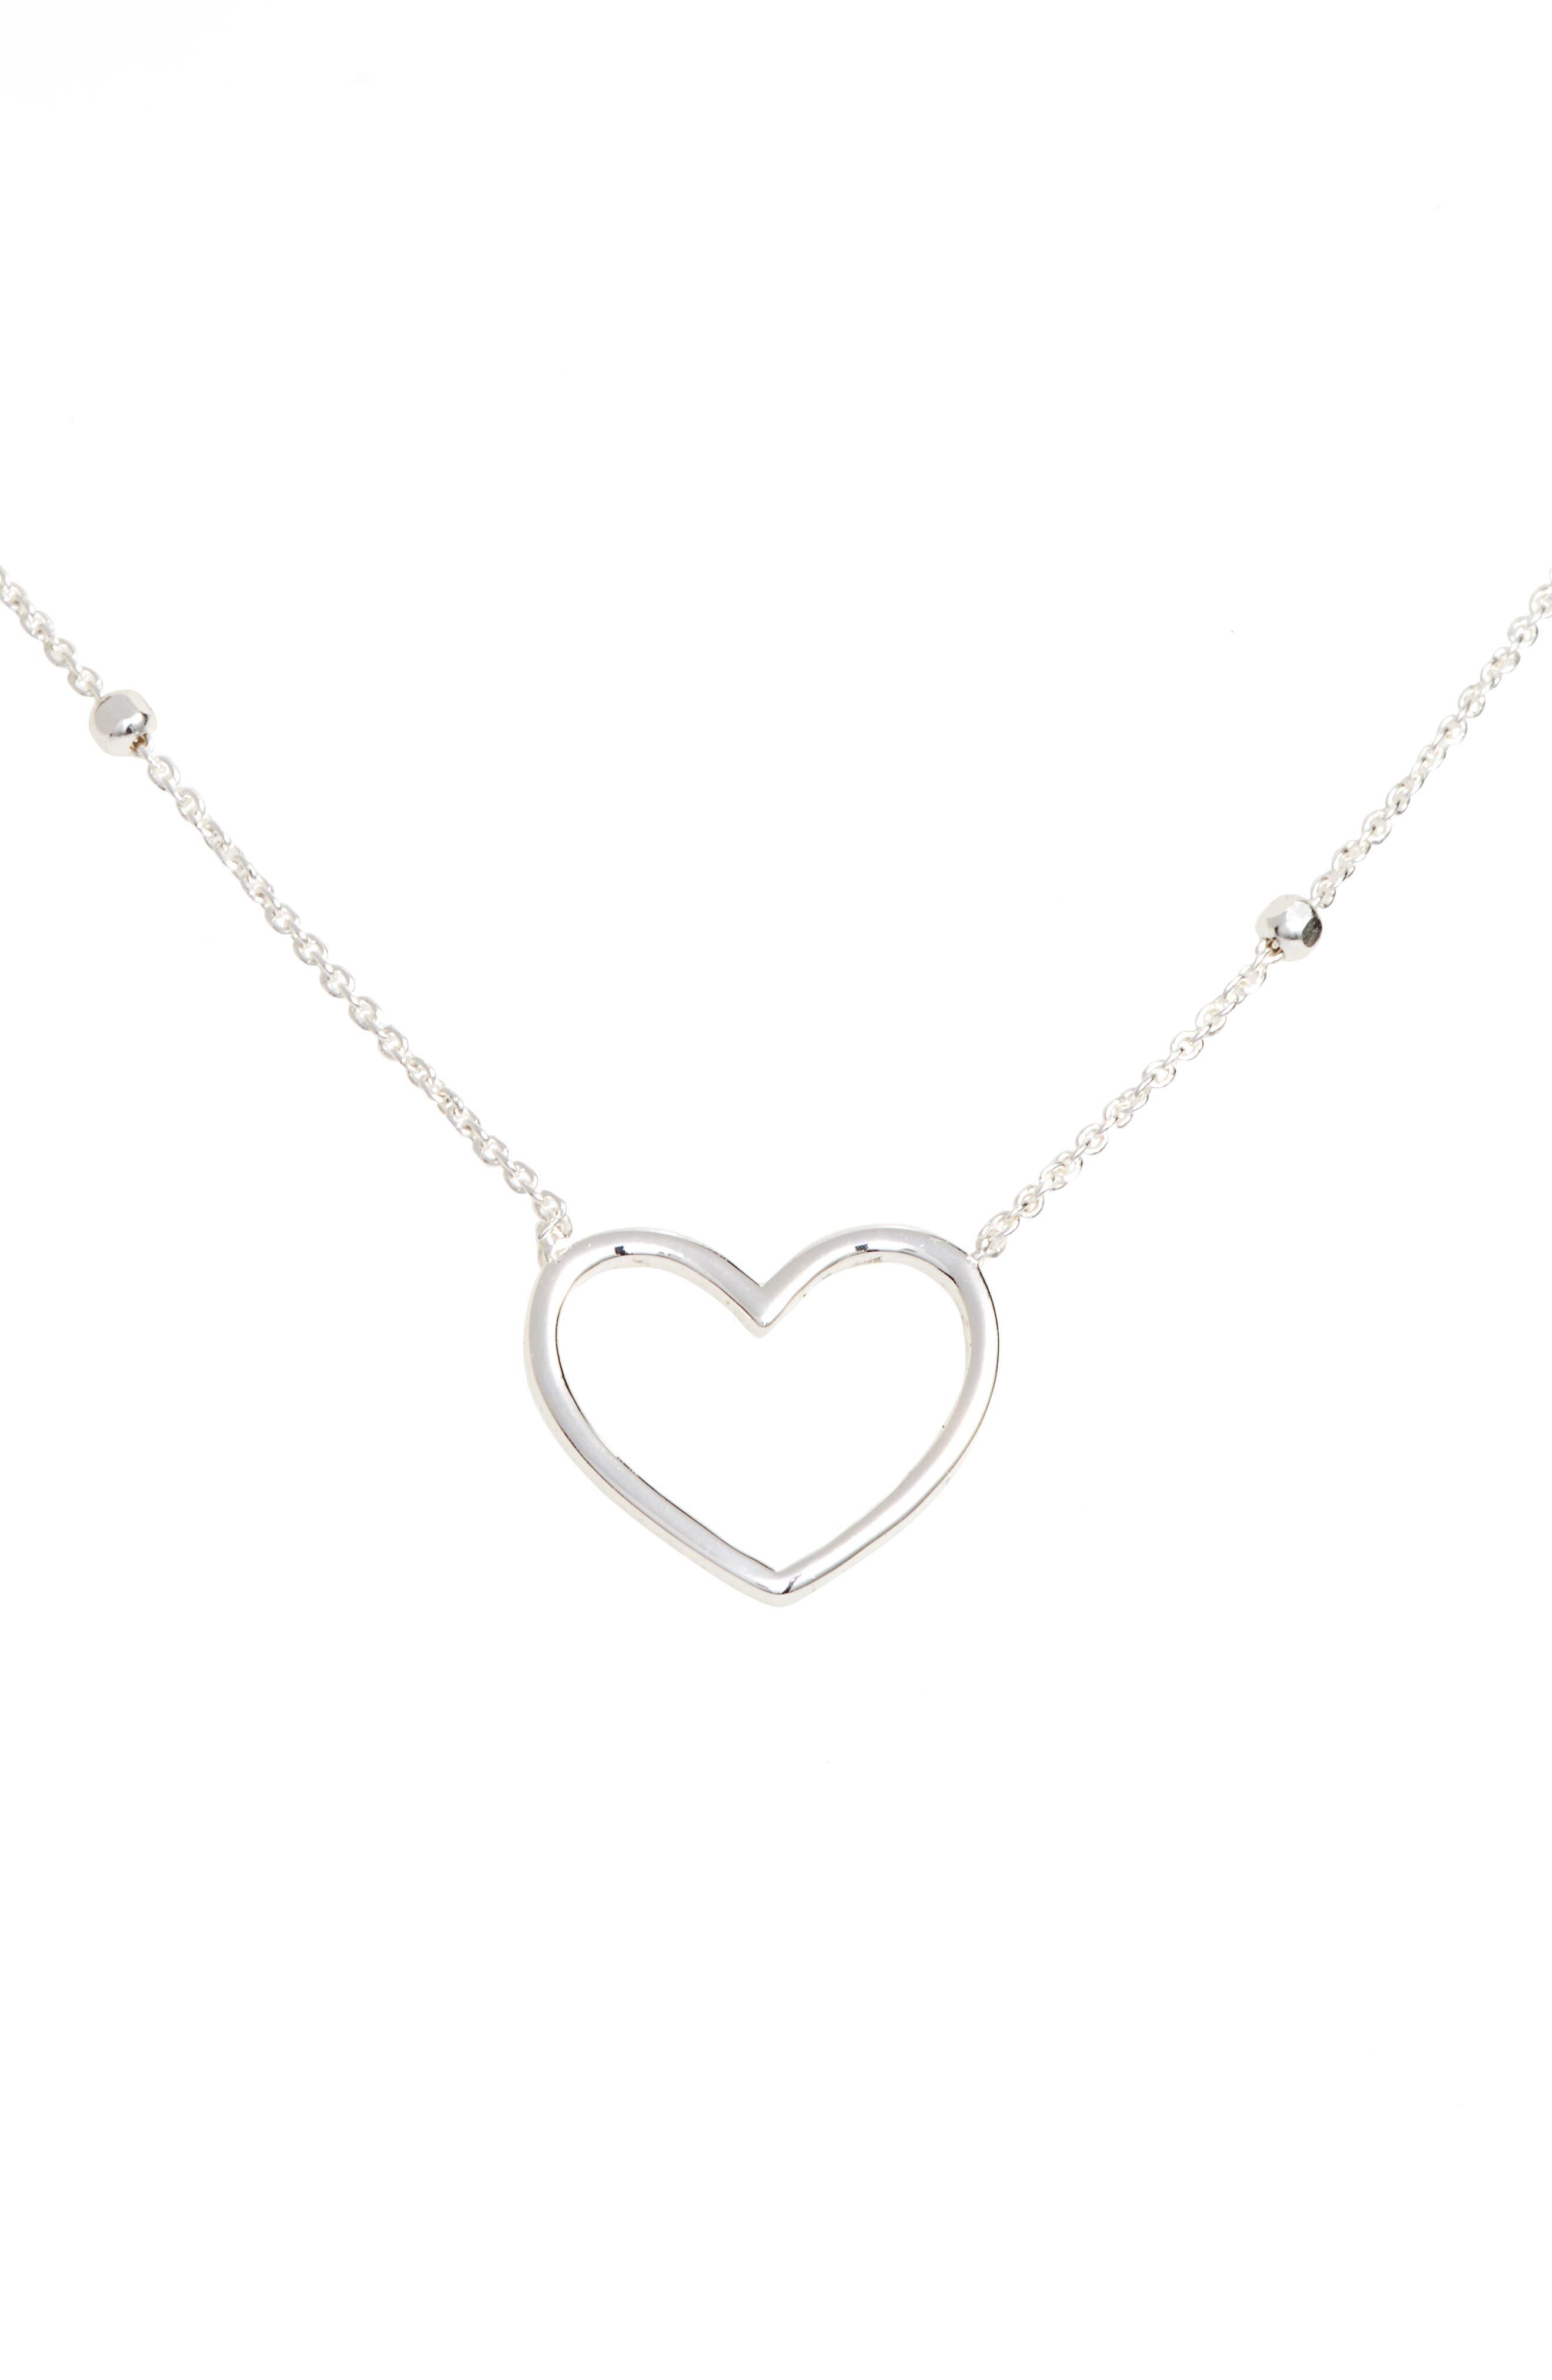 Heart Pendant Necklace,                         Main,                         color,